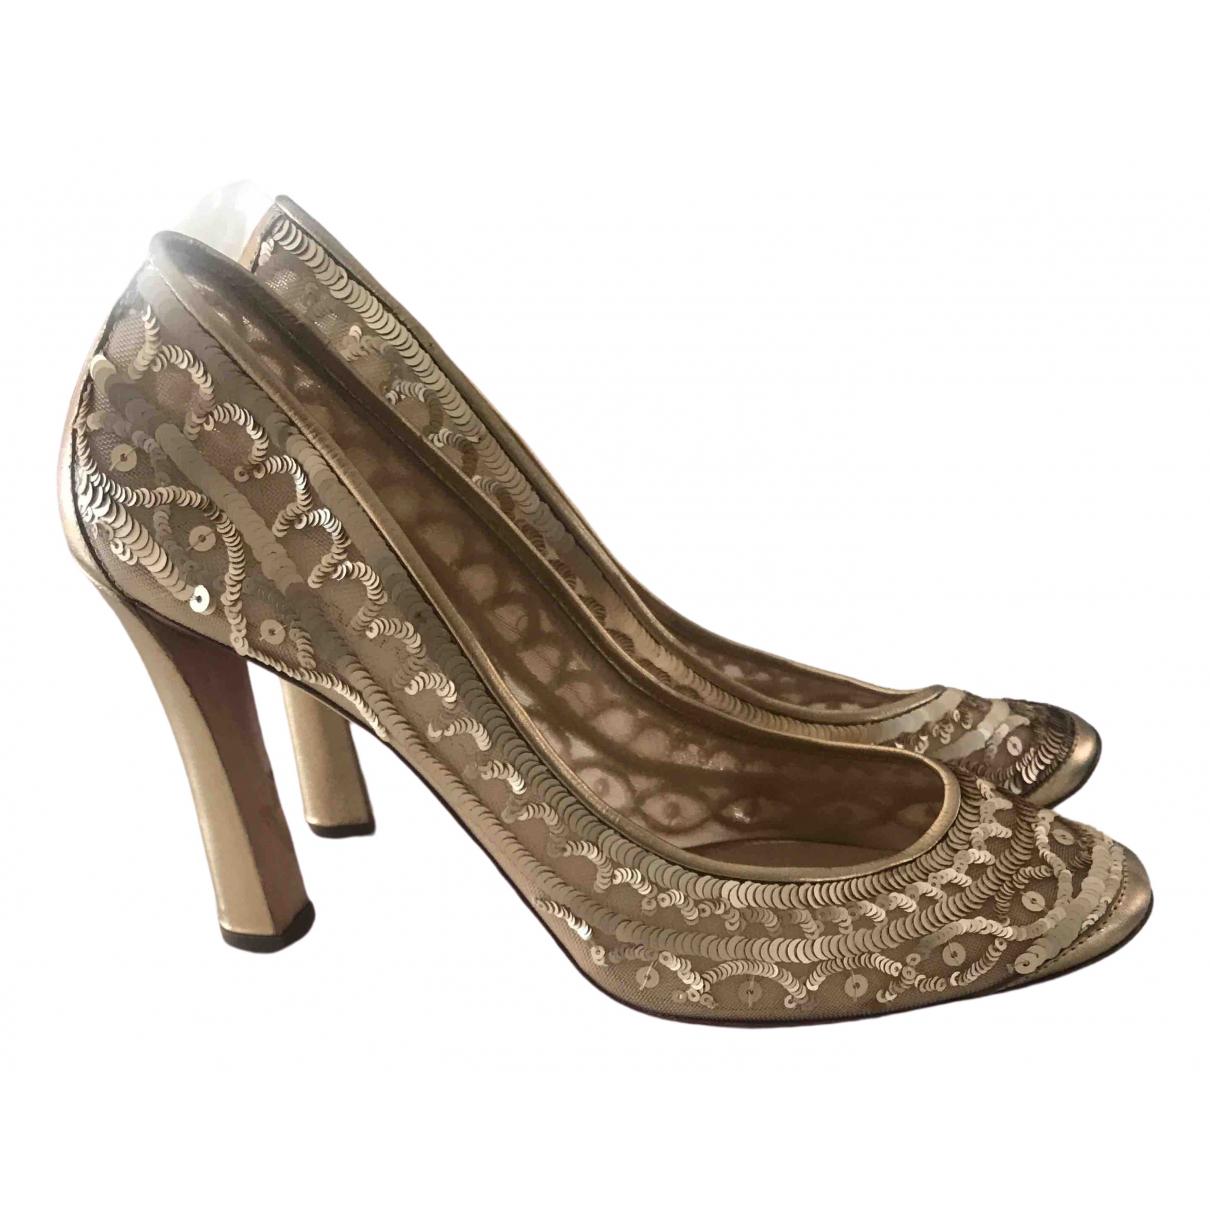 Emporio Armani - Escarpins   pour femme en a paillettes - dore